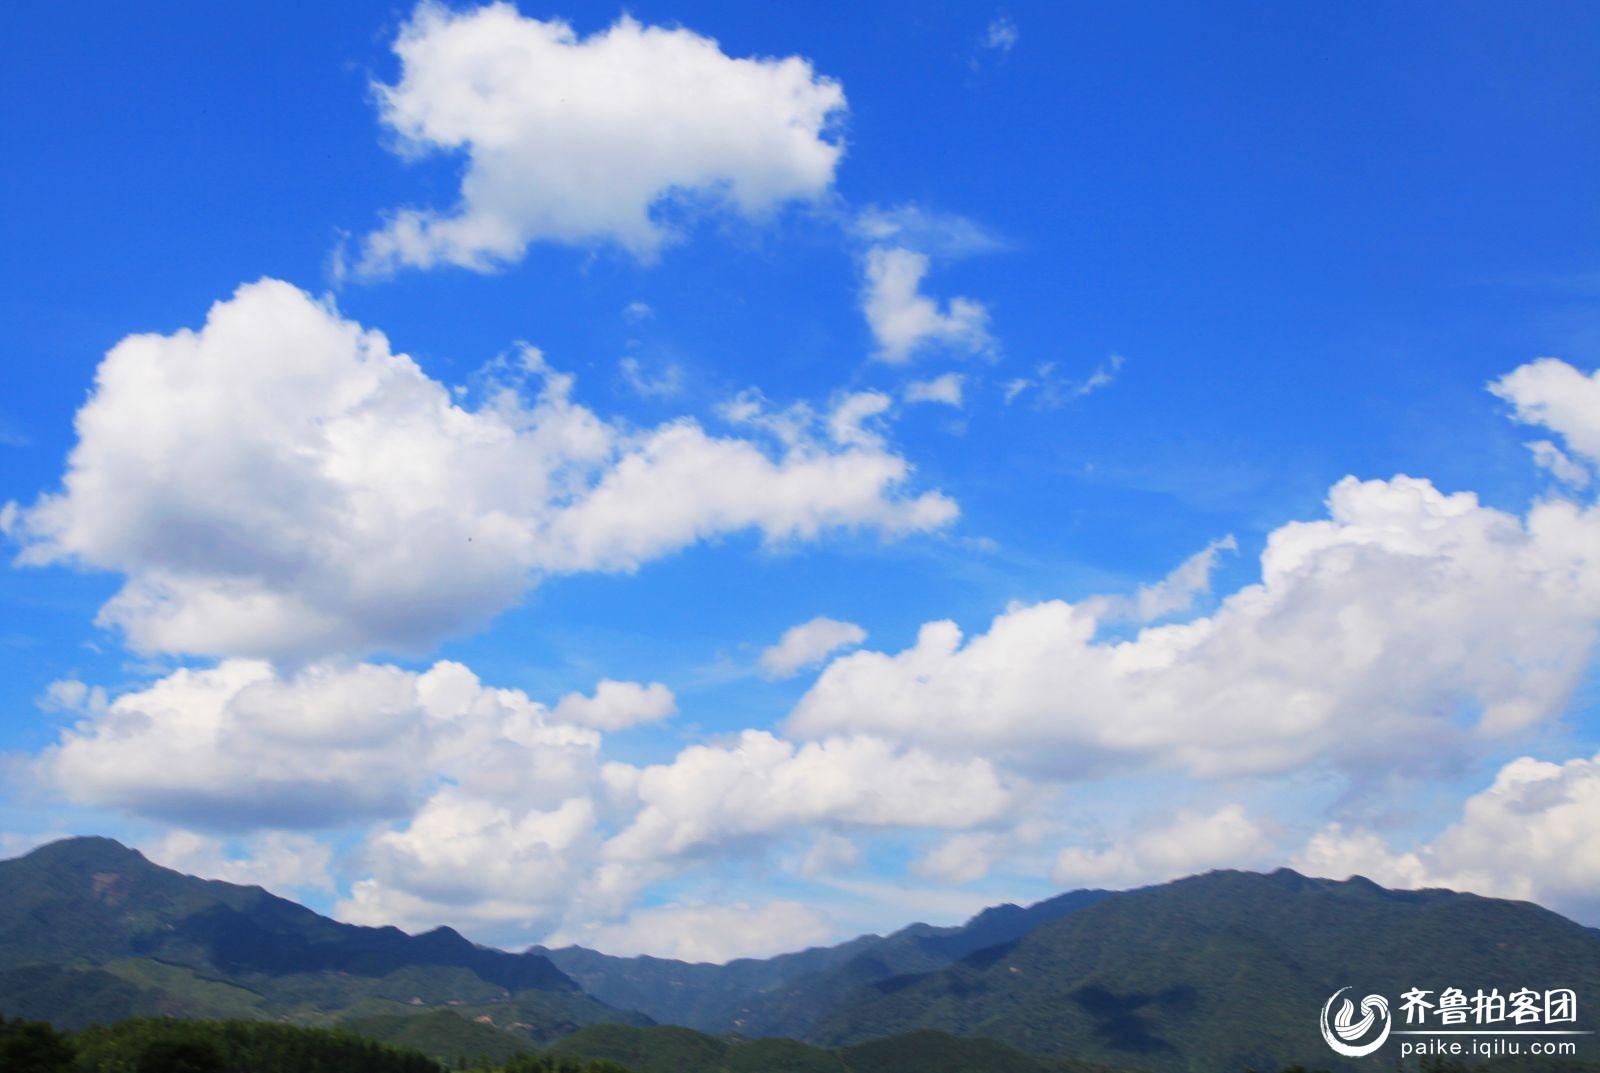 临沂拍客 69 蓝天白云  分享到:qq空间新浪微博腾讯微博人人网微信